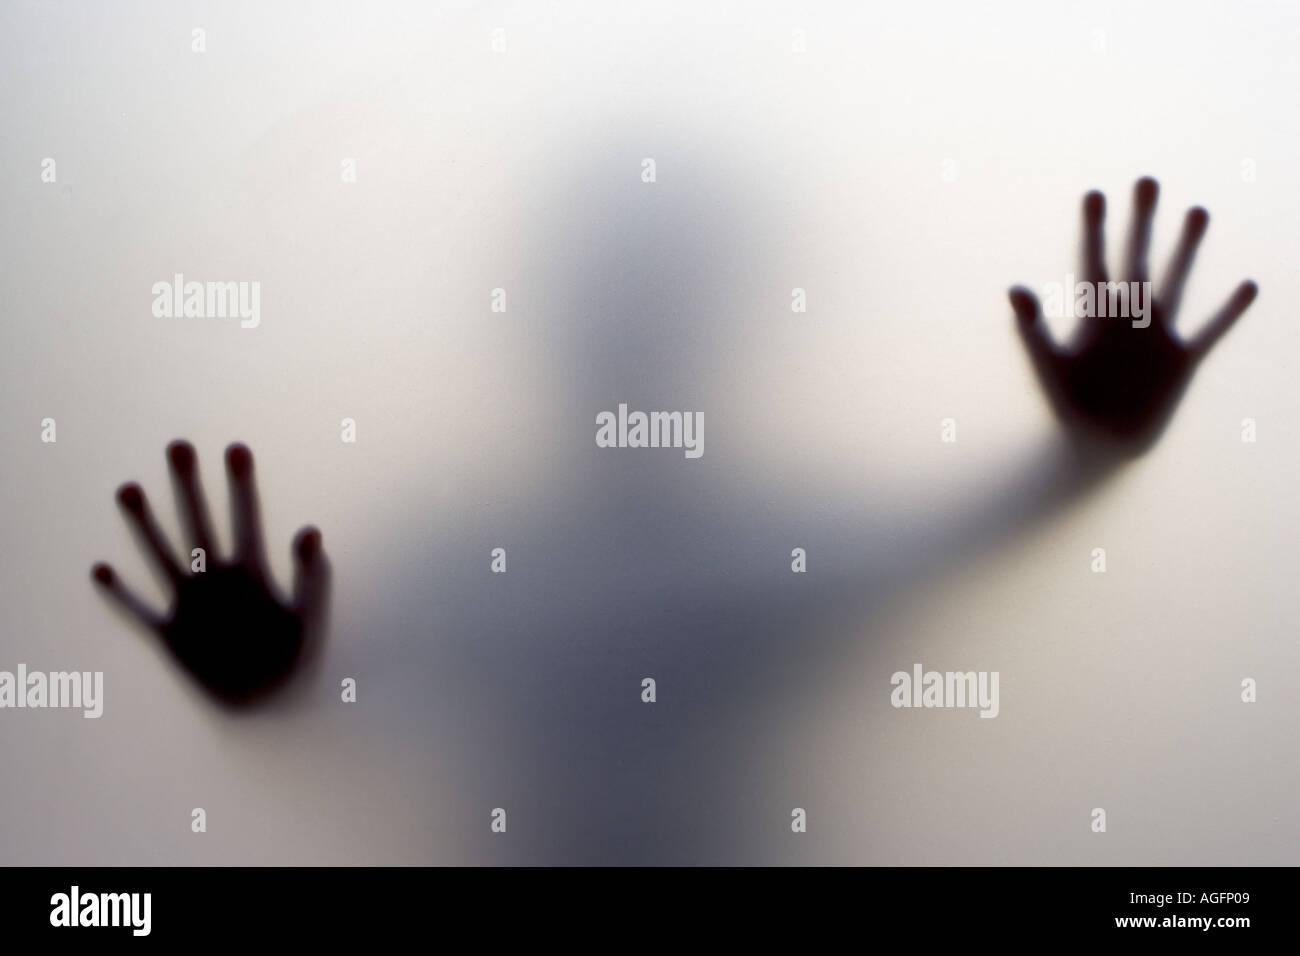 Les mains d'un enfant pressé contre le verre dépoli d'une porte Photo Stock